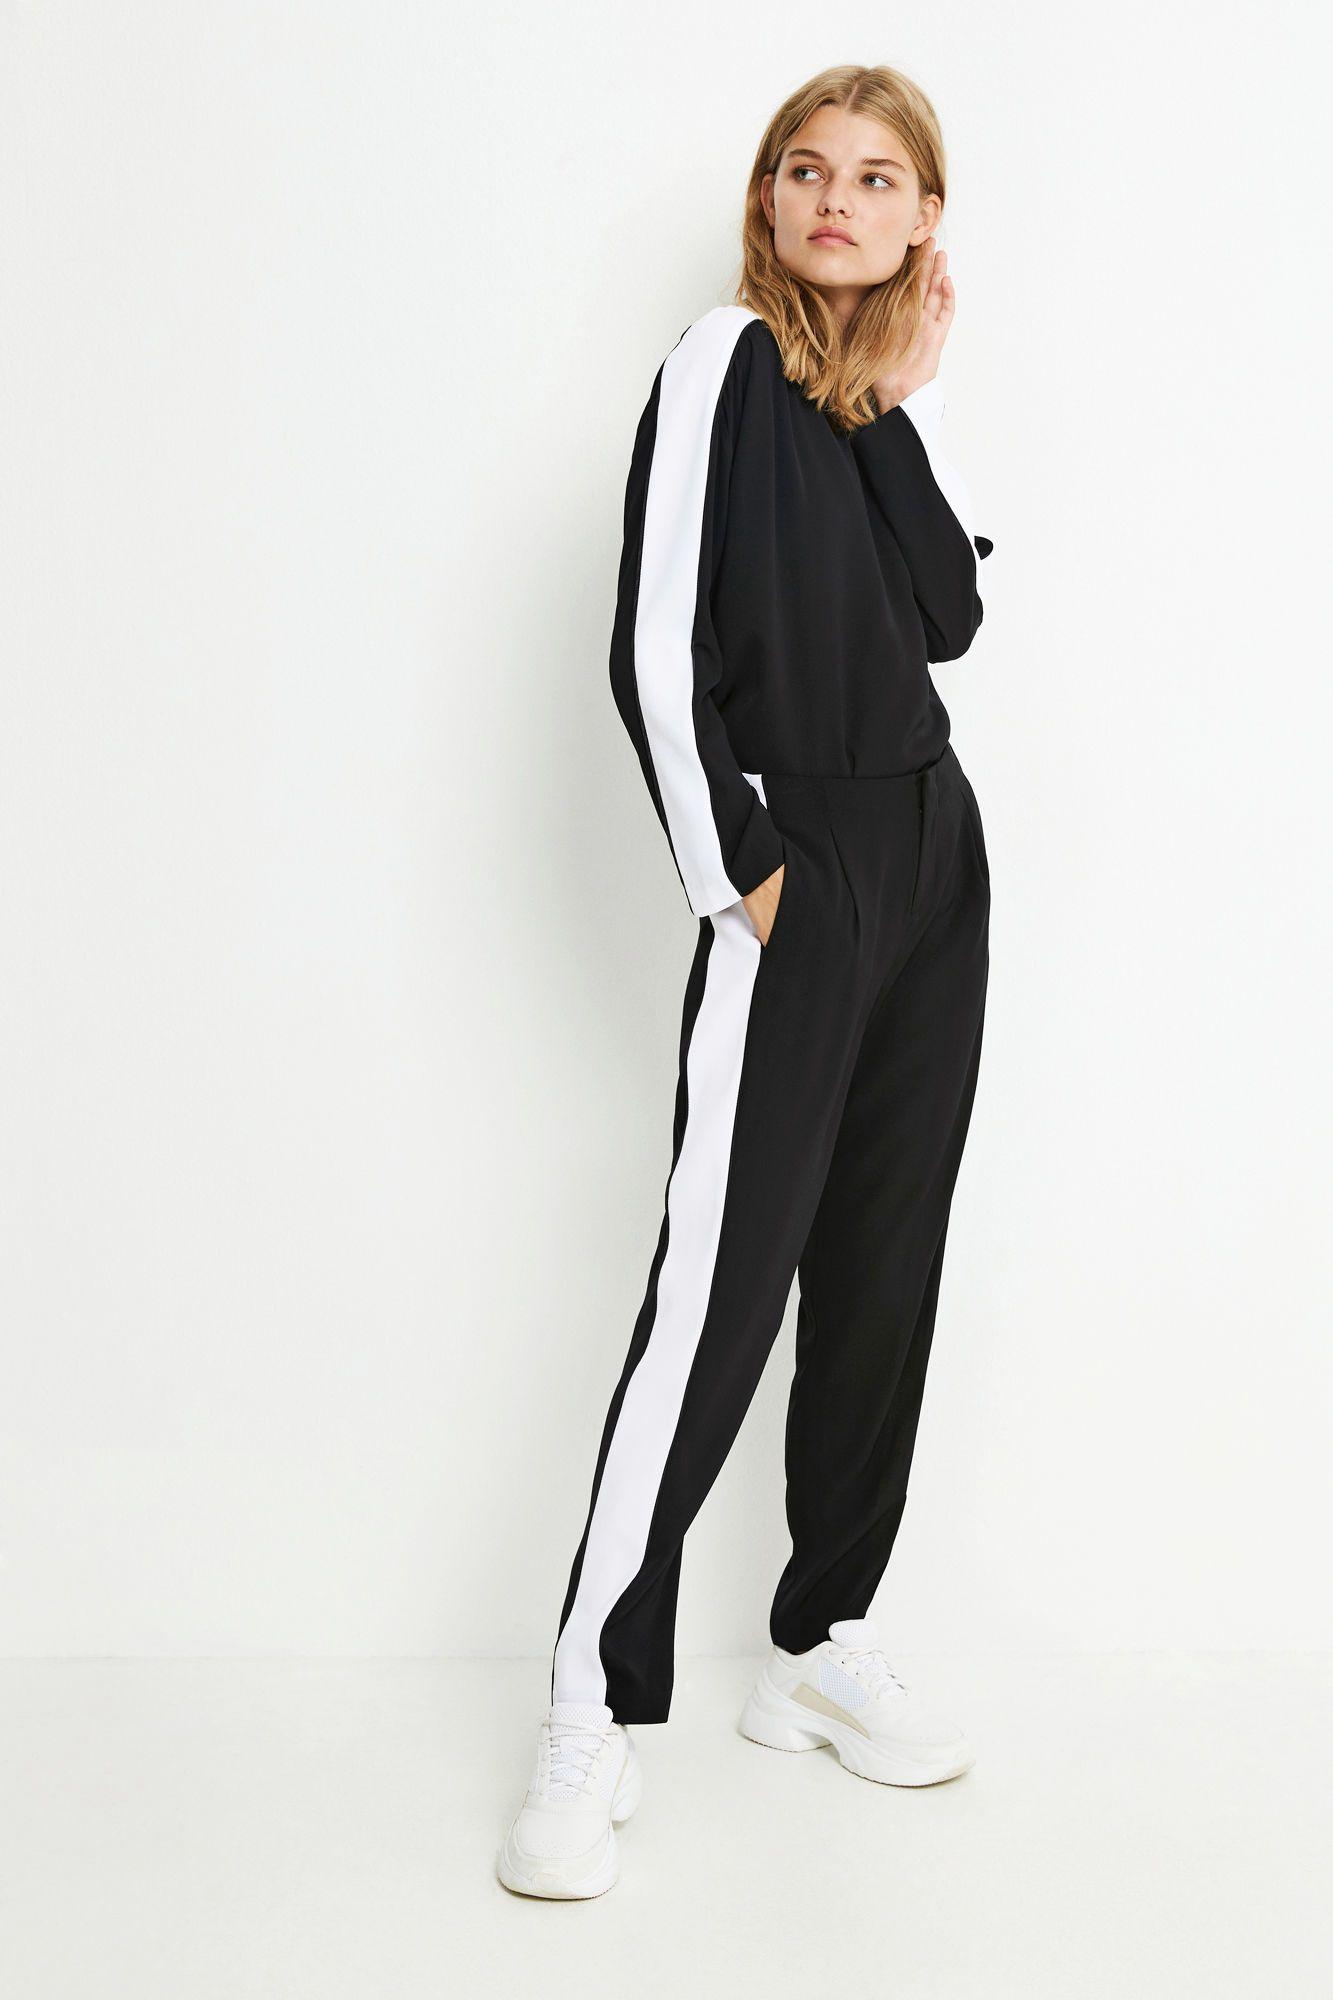 ENJELLY PANTS 6392 | Mode ideer, Kvinde stil, Bukser